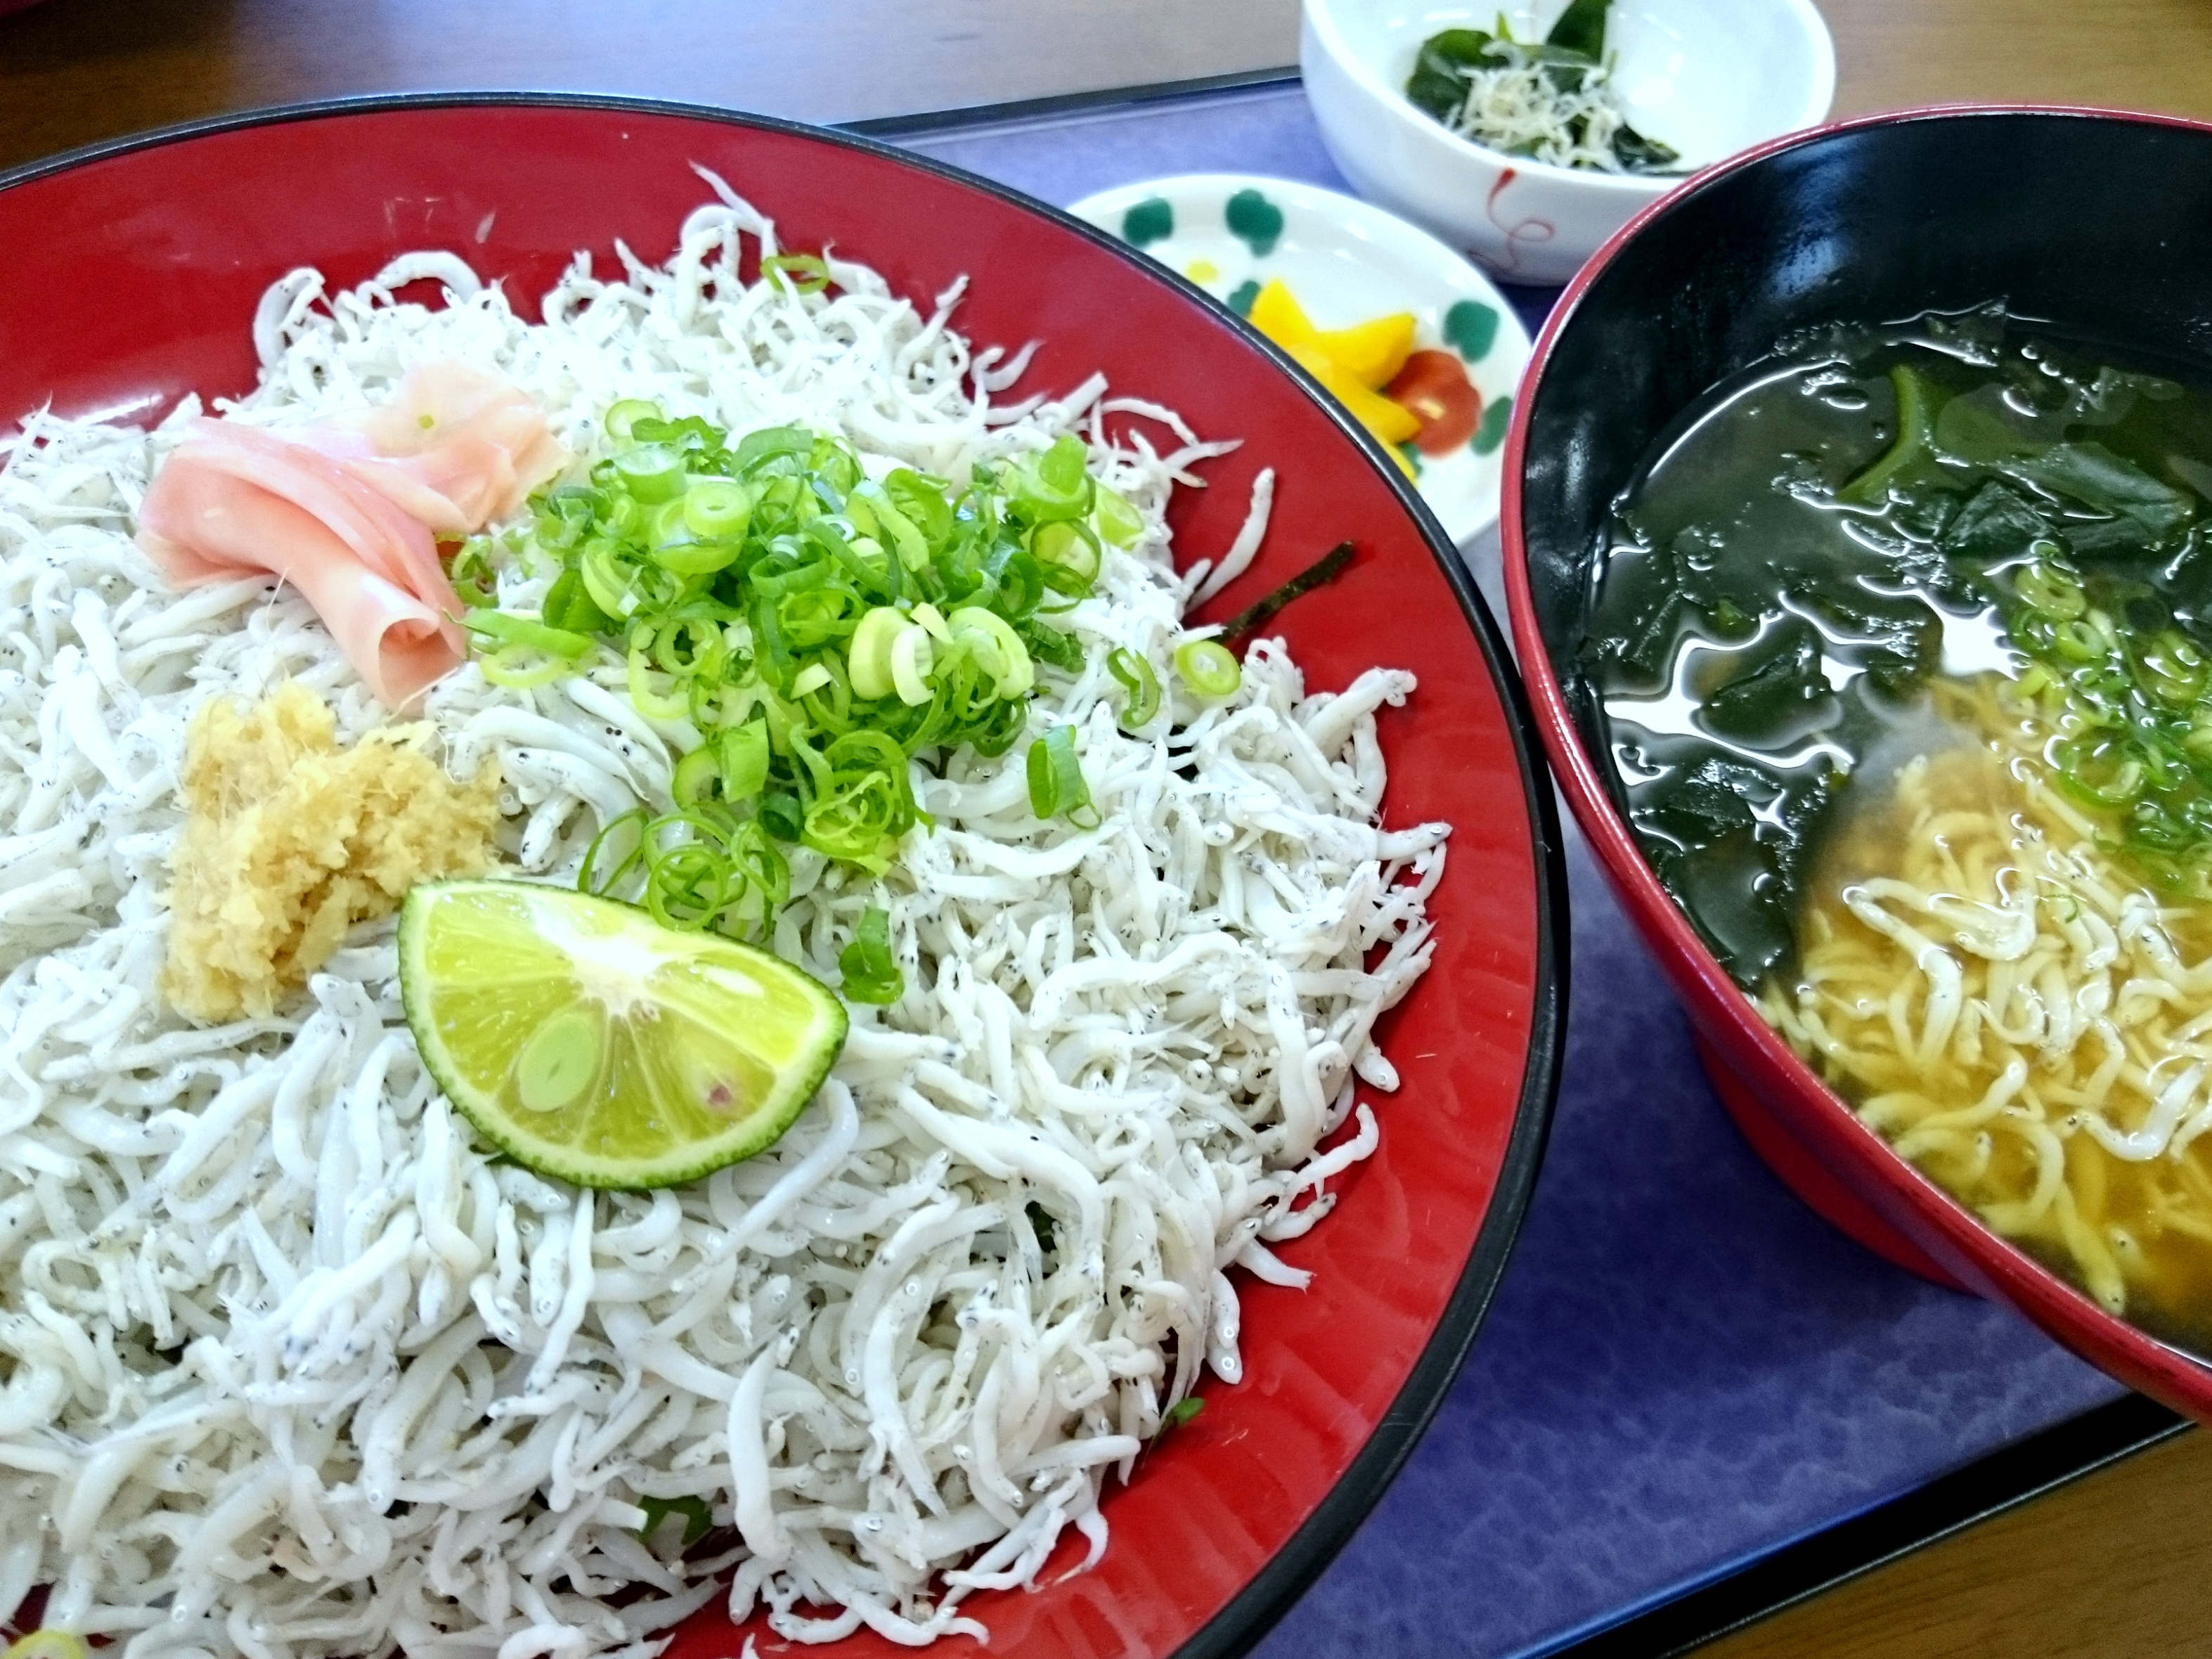 わざわざ行く価値あり!白く輝く、和田島の絶品しらす丼